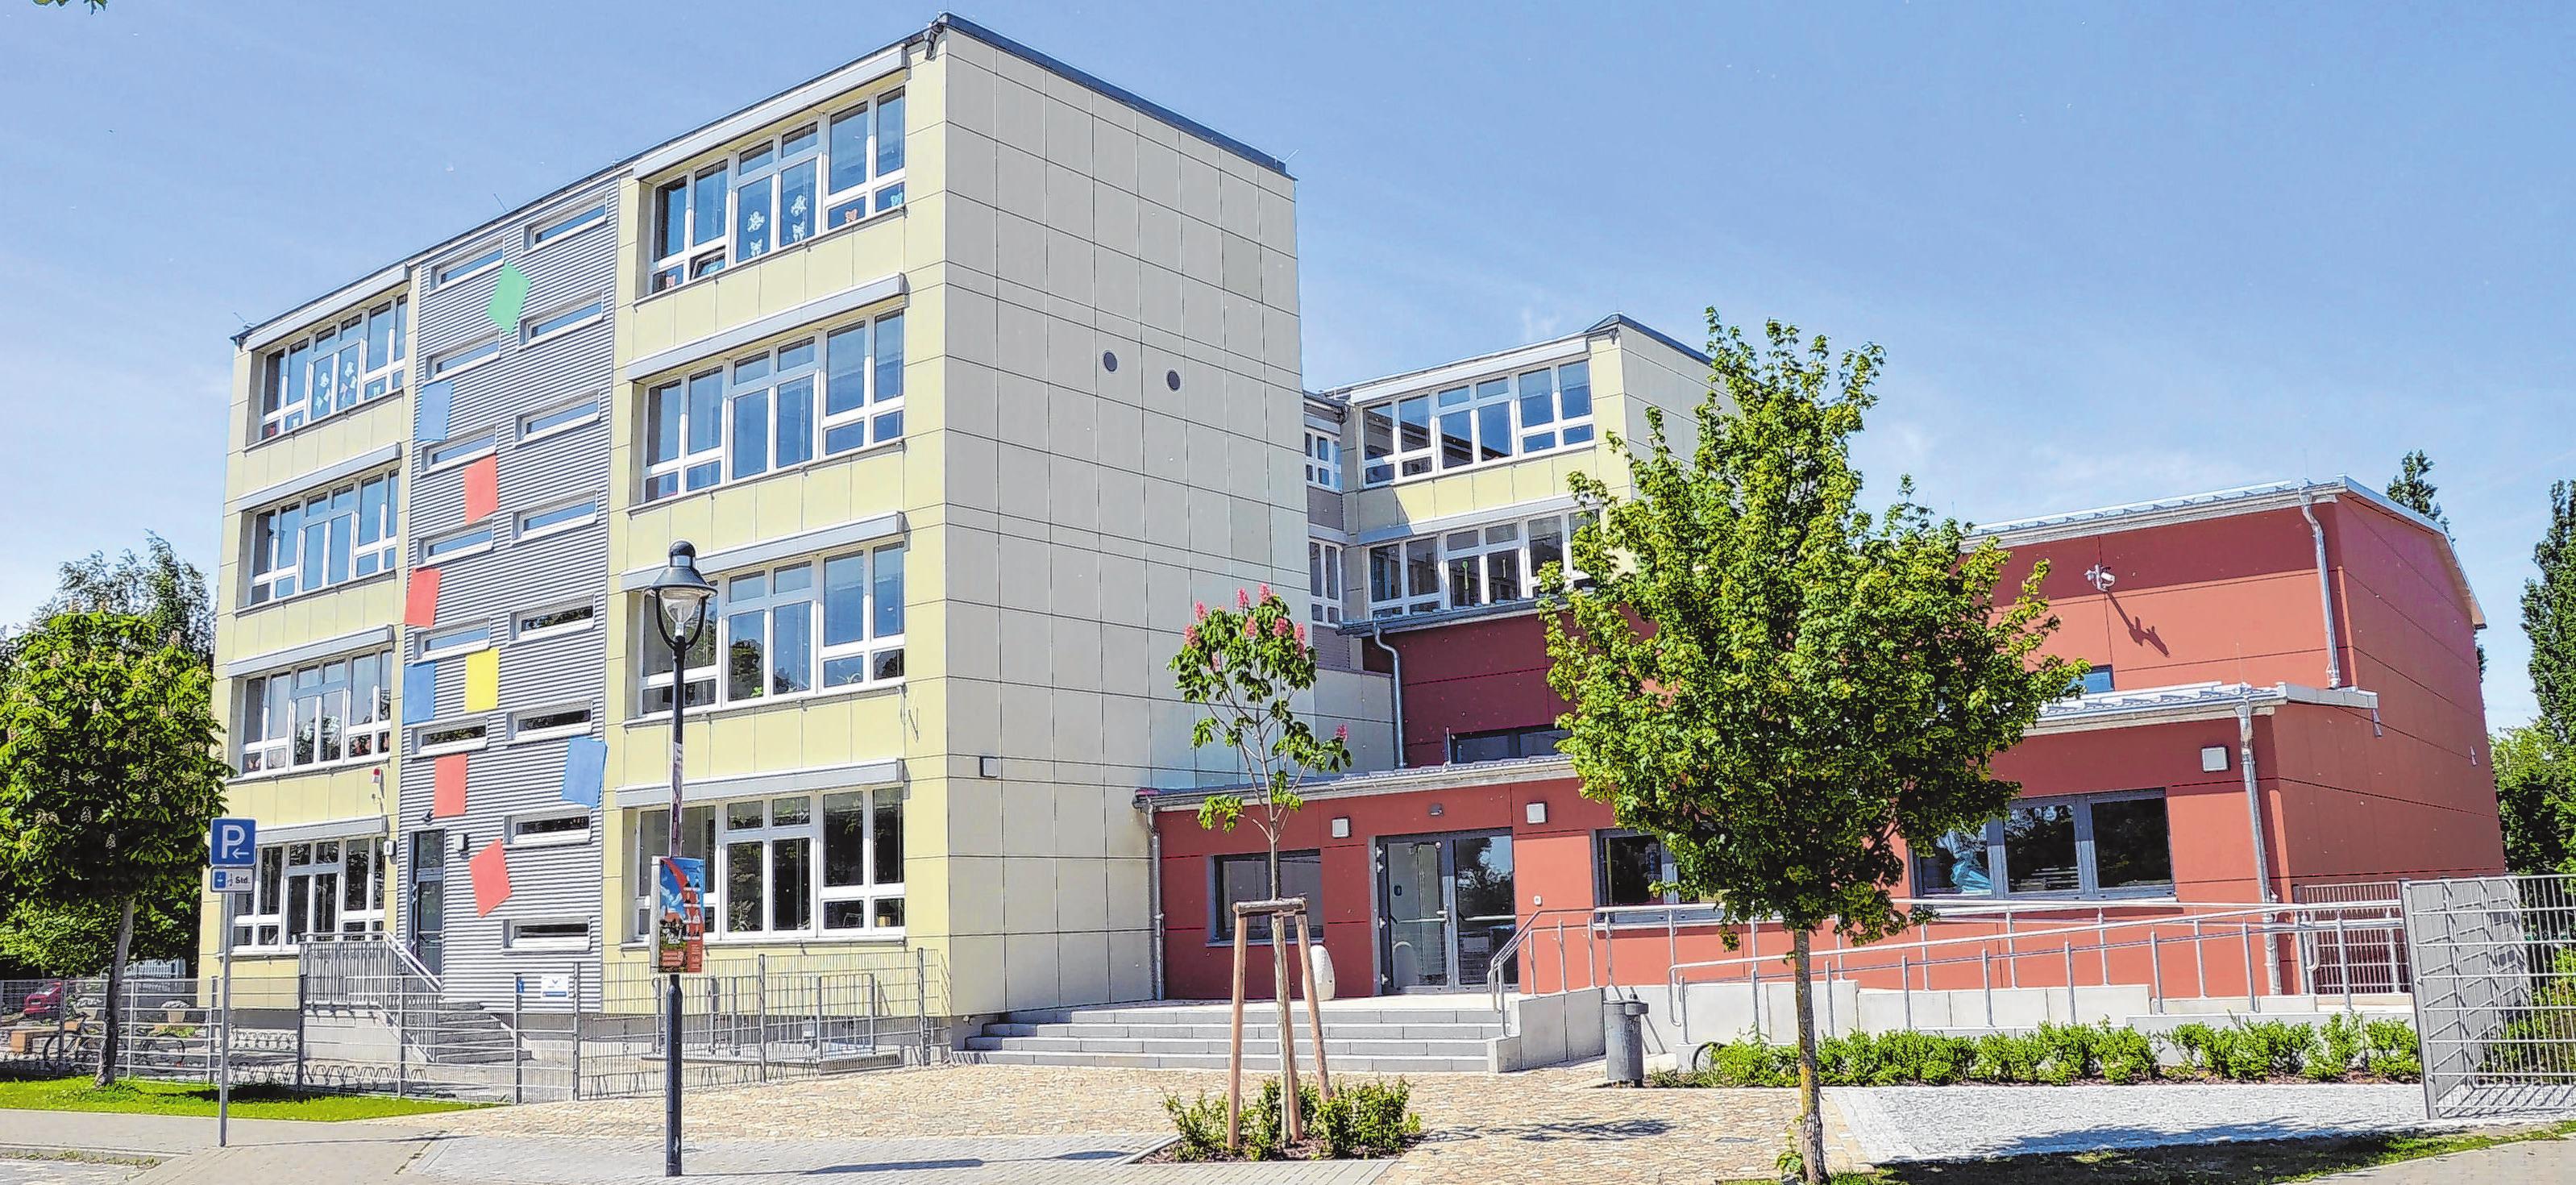 Nach gut zwei Jahren Bauzeit ist der An- und Umbau an der Fontane-Grundschule abgeschlossen. Foto: Vanessa Engel